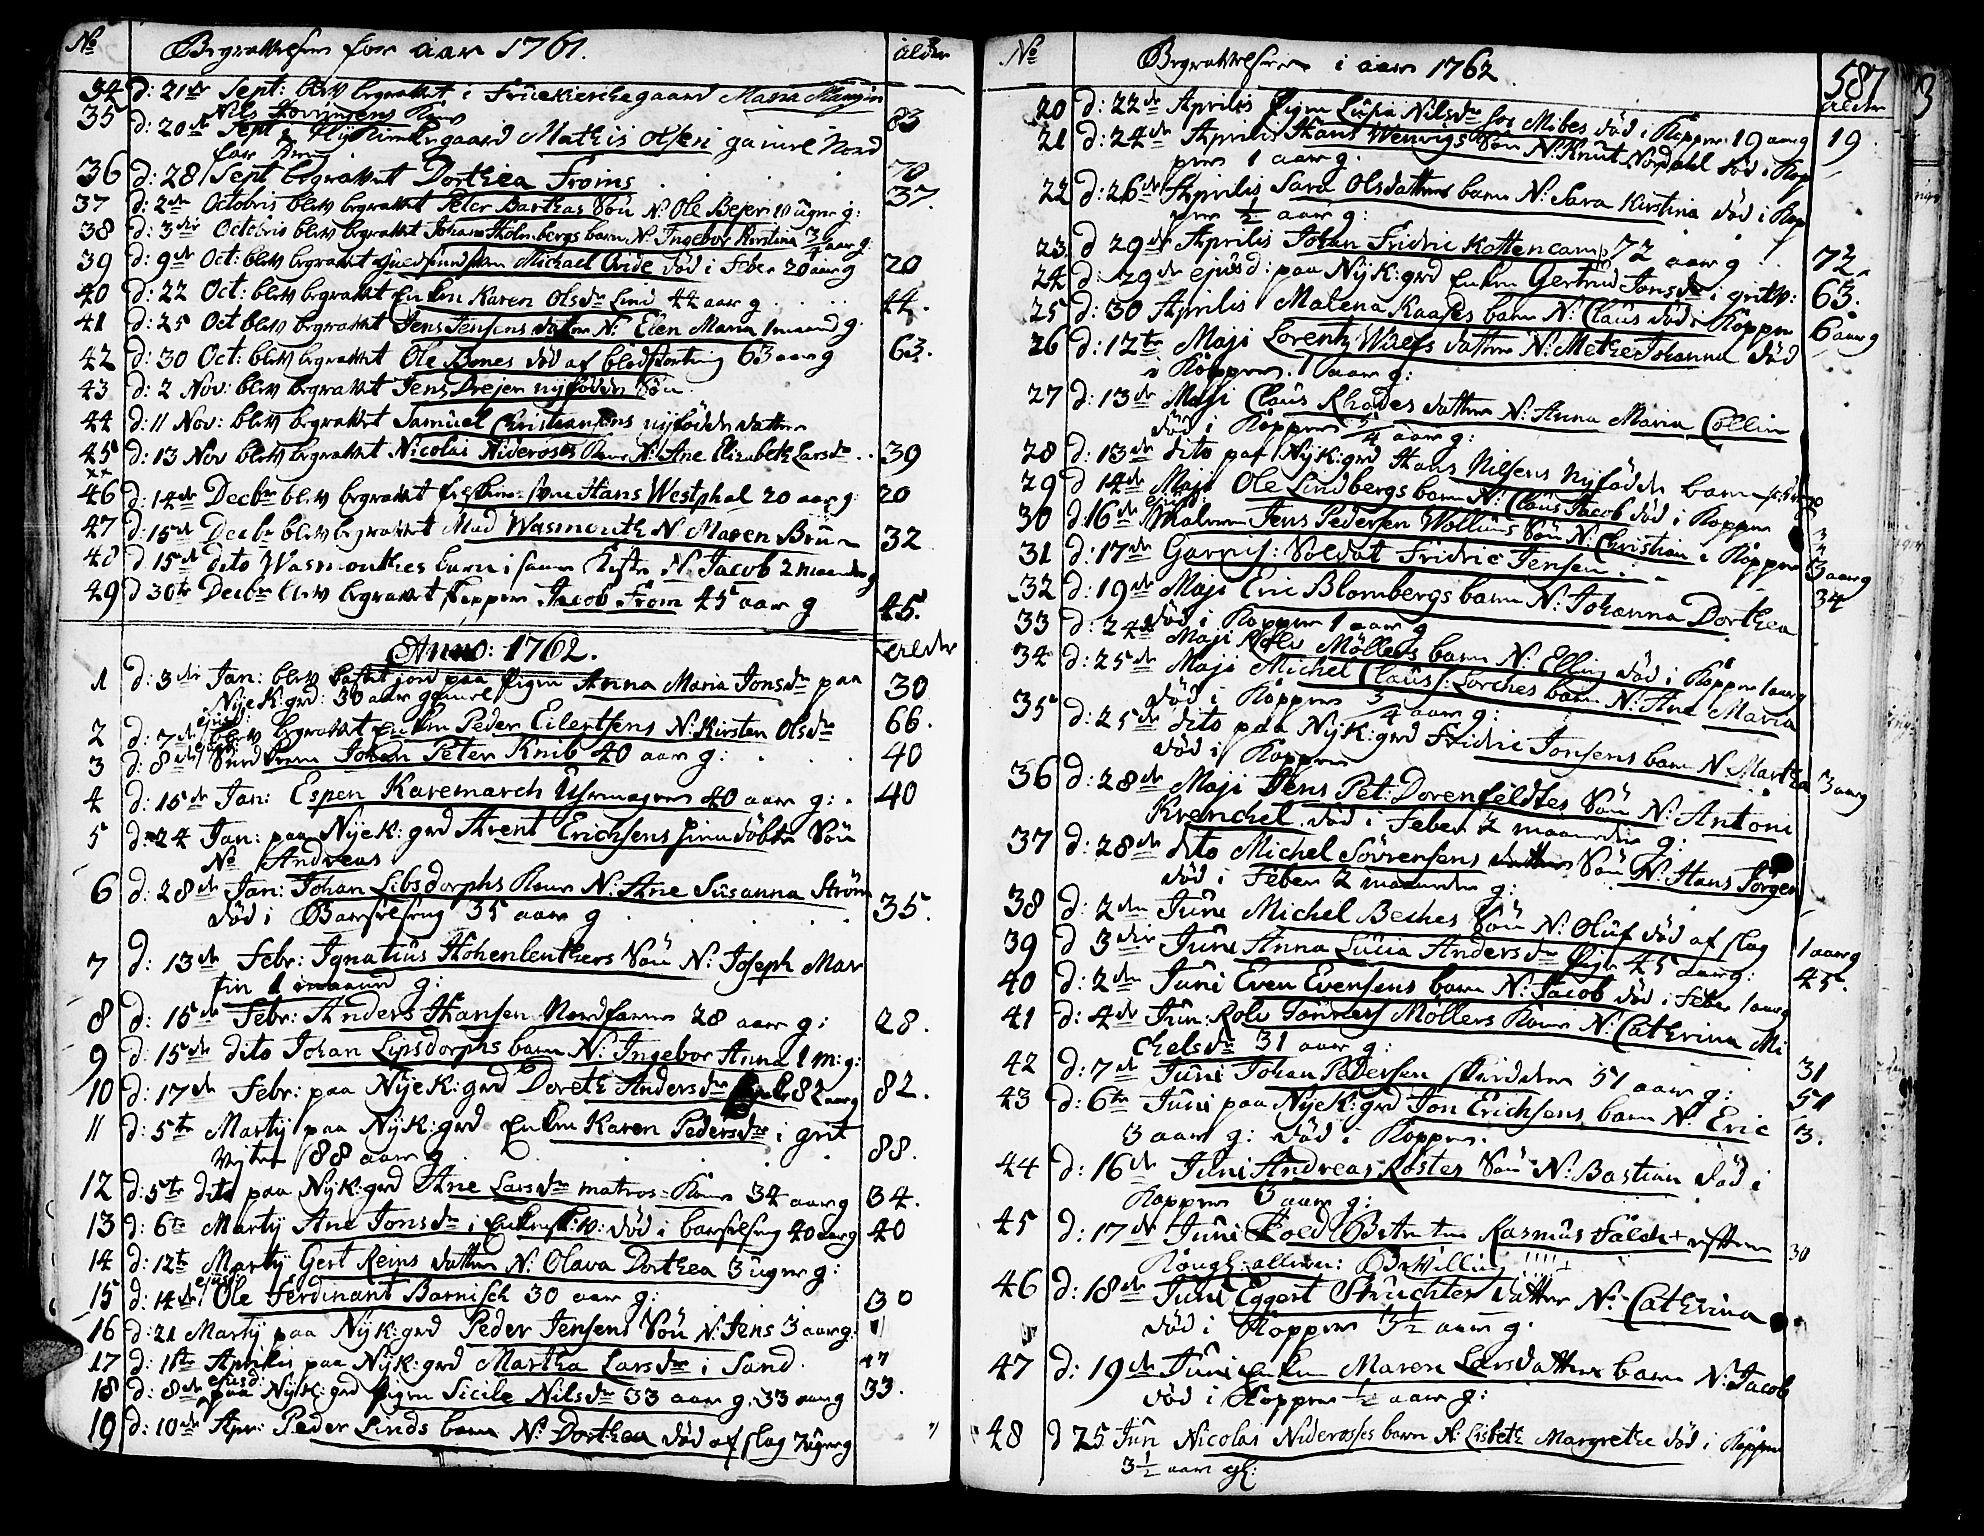 SAT, Ministerialprotokoller, klokkerbøker og fødselsregistre - Sør-Trøndelag, 602/L0103: Ministerialbok nr. 602A01, 1732-1774, s. 587